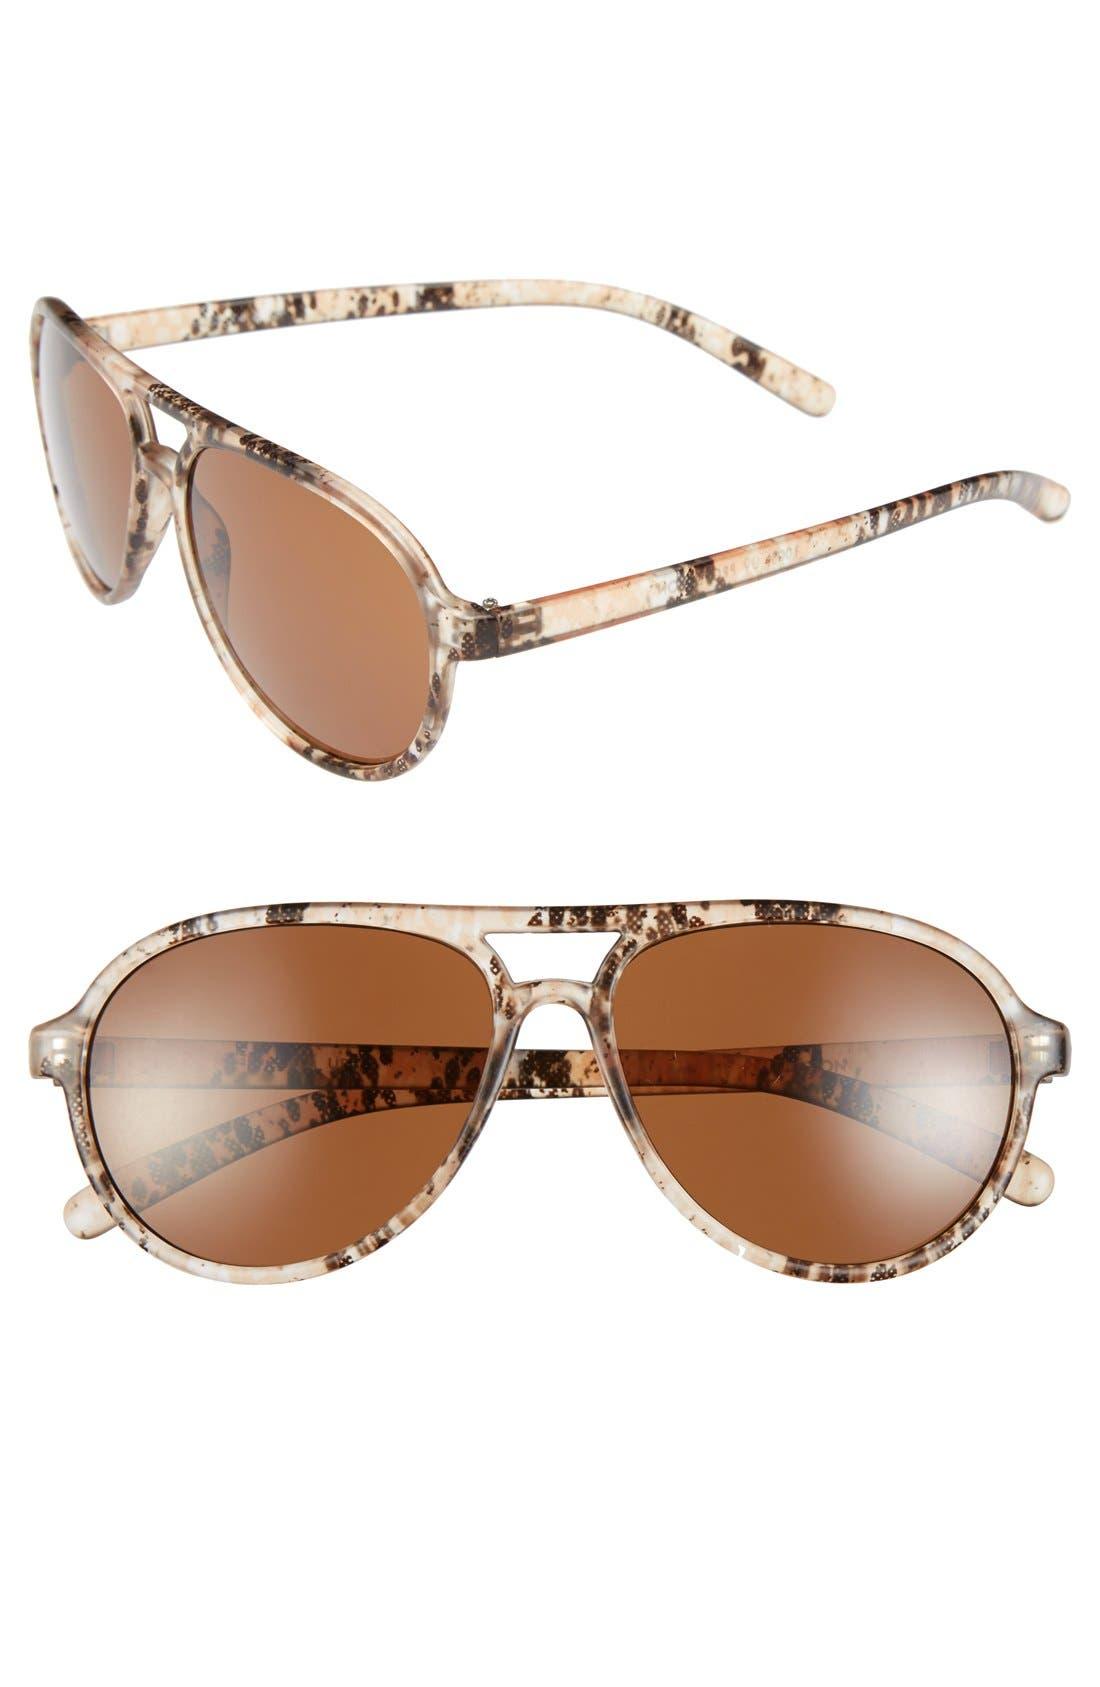 Main Image - FE NY 'Animal' 56mm Aviator Sunglasses